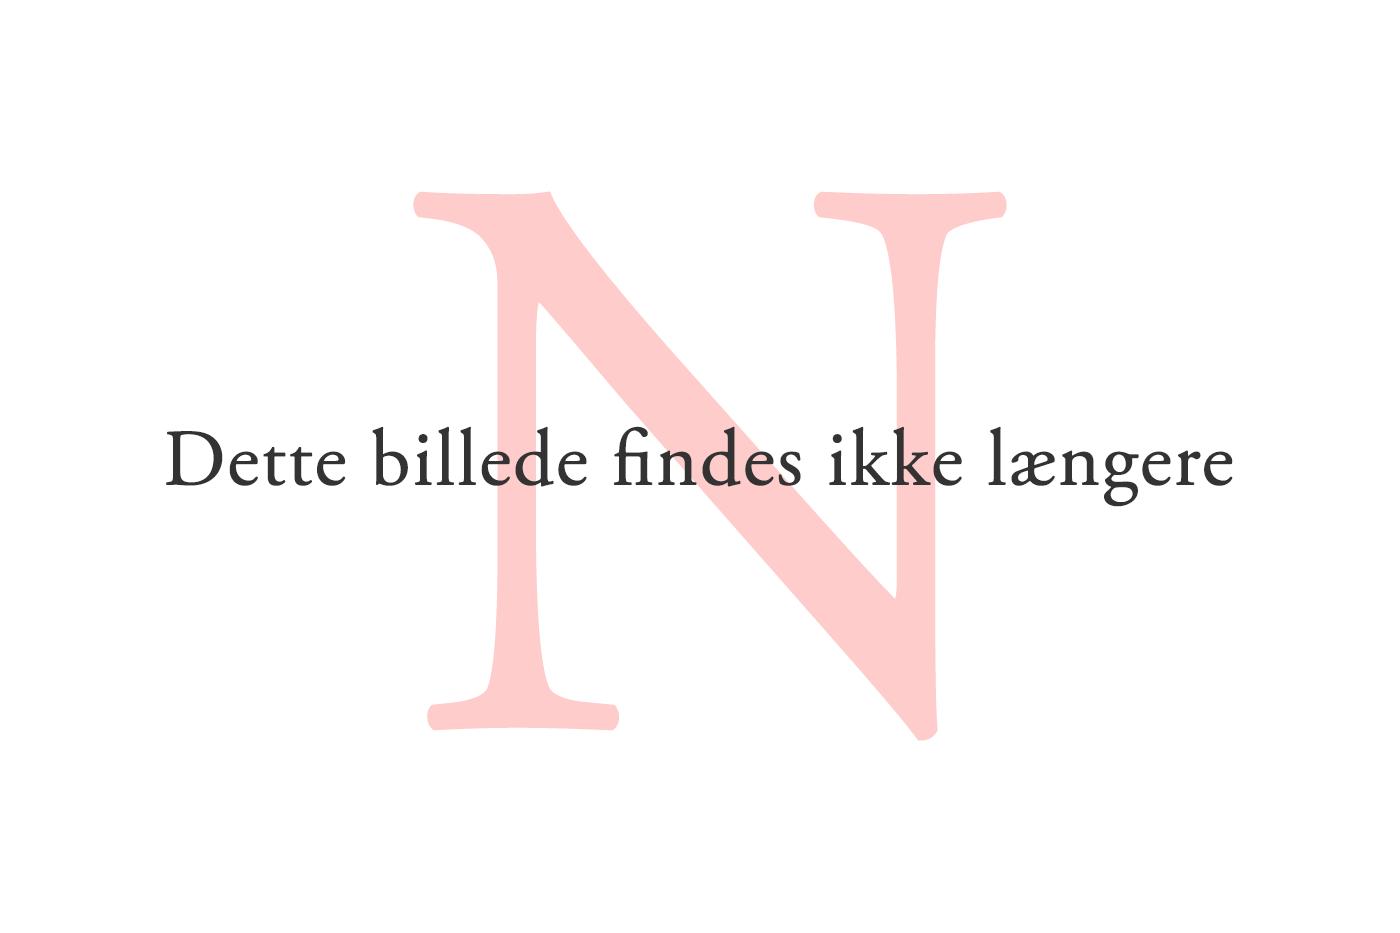 Solskin og fadøl trækker turister til Nyhavn